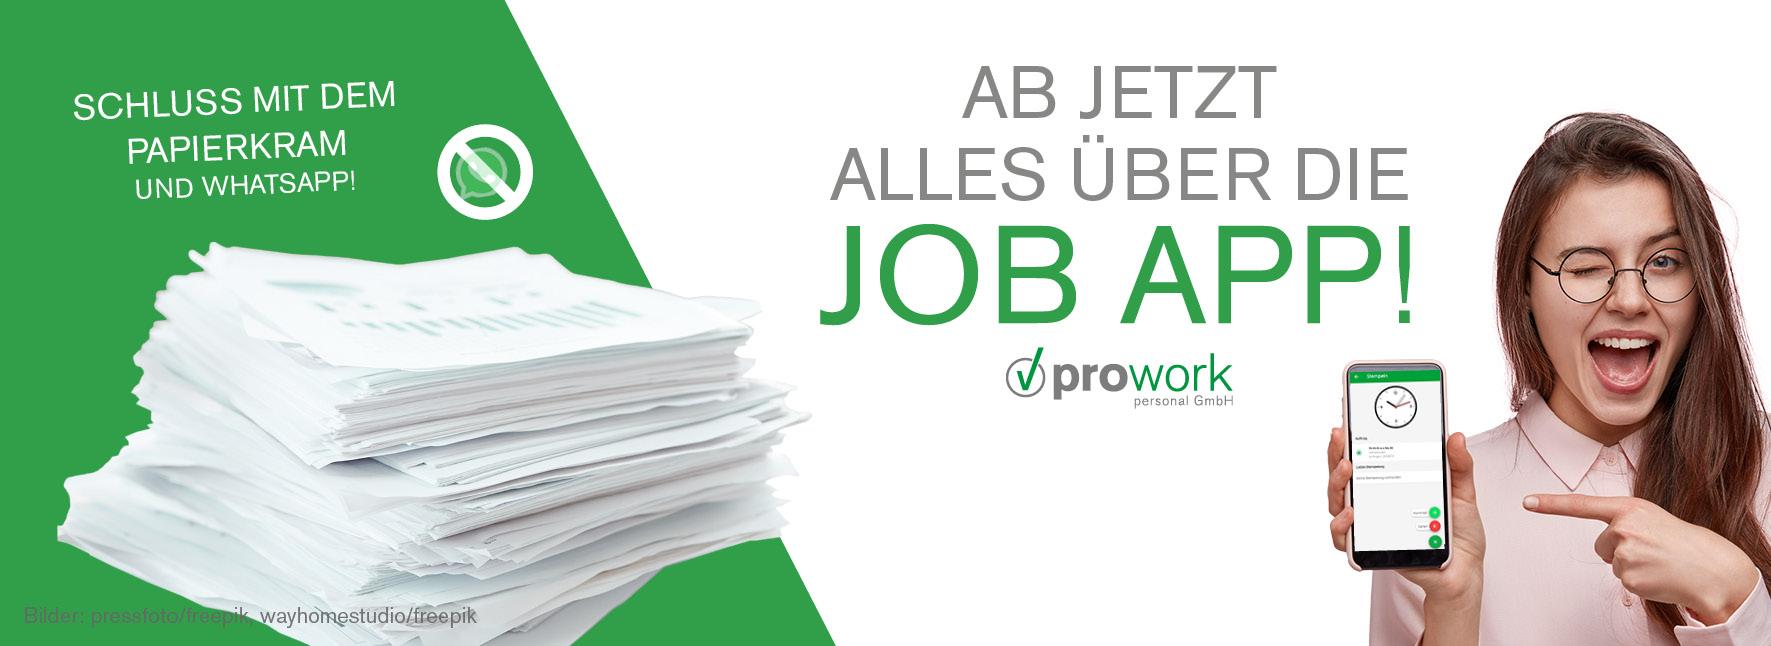 Nutzung der Job App bei prowork personal